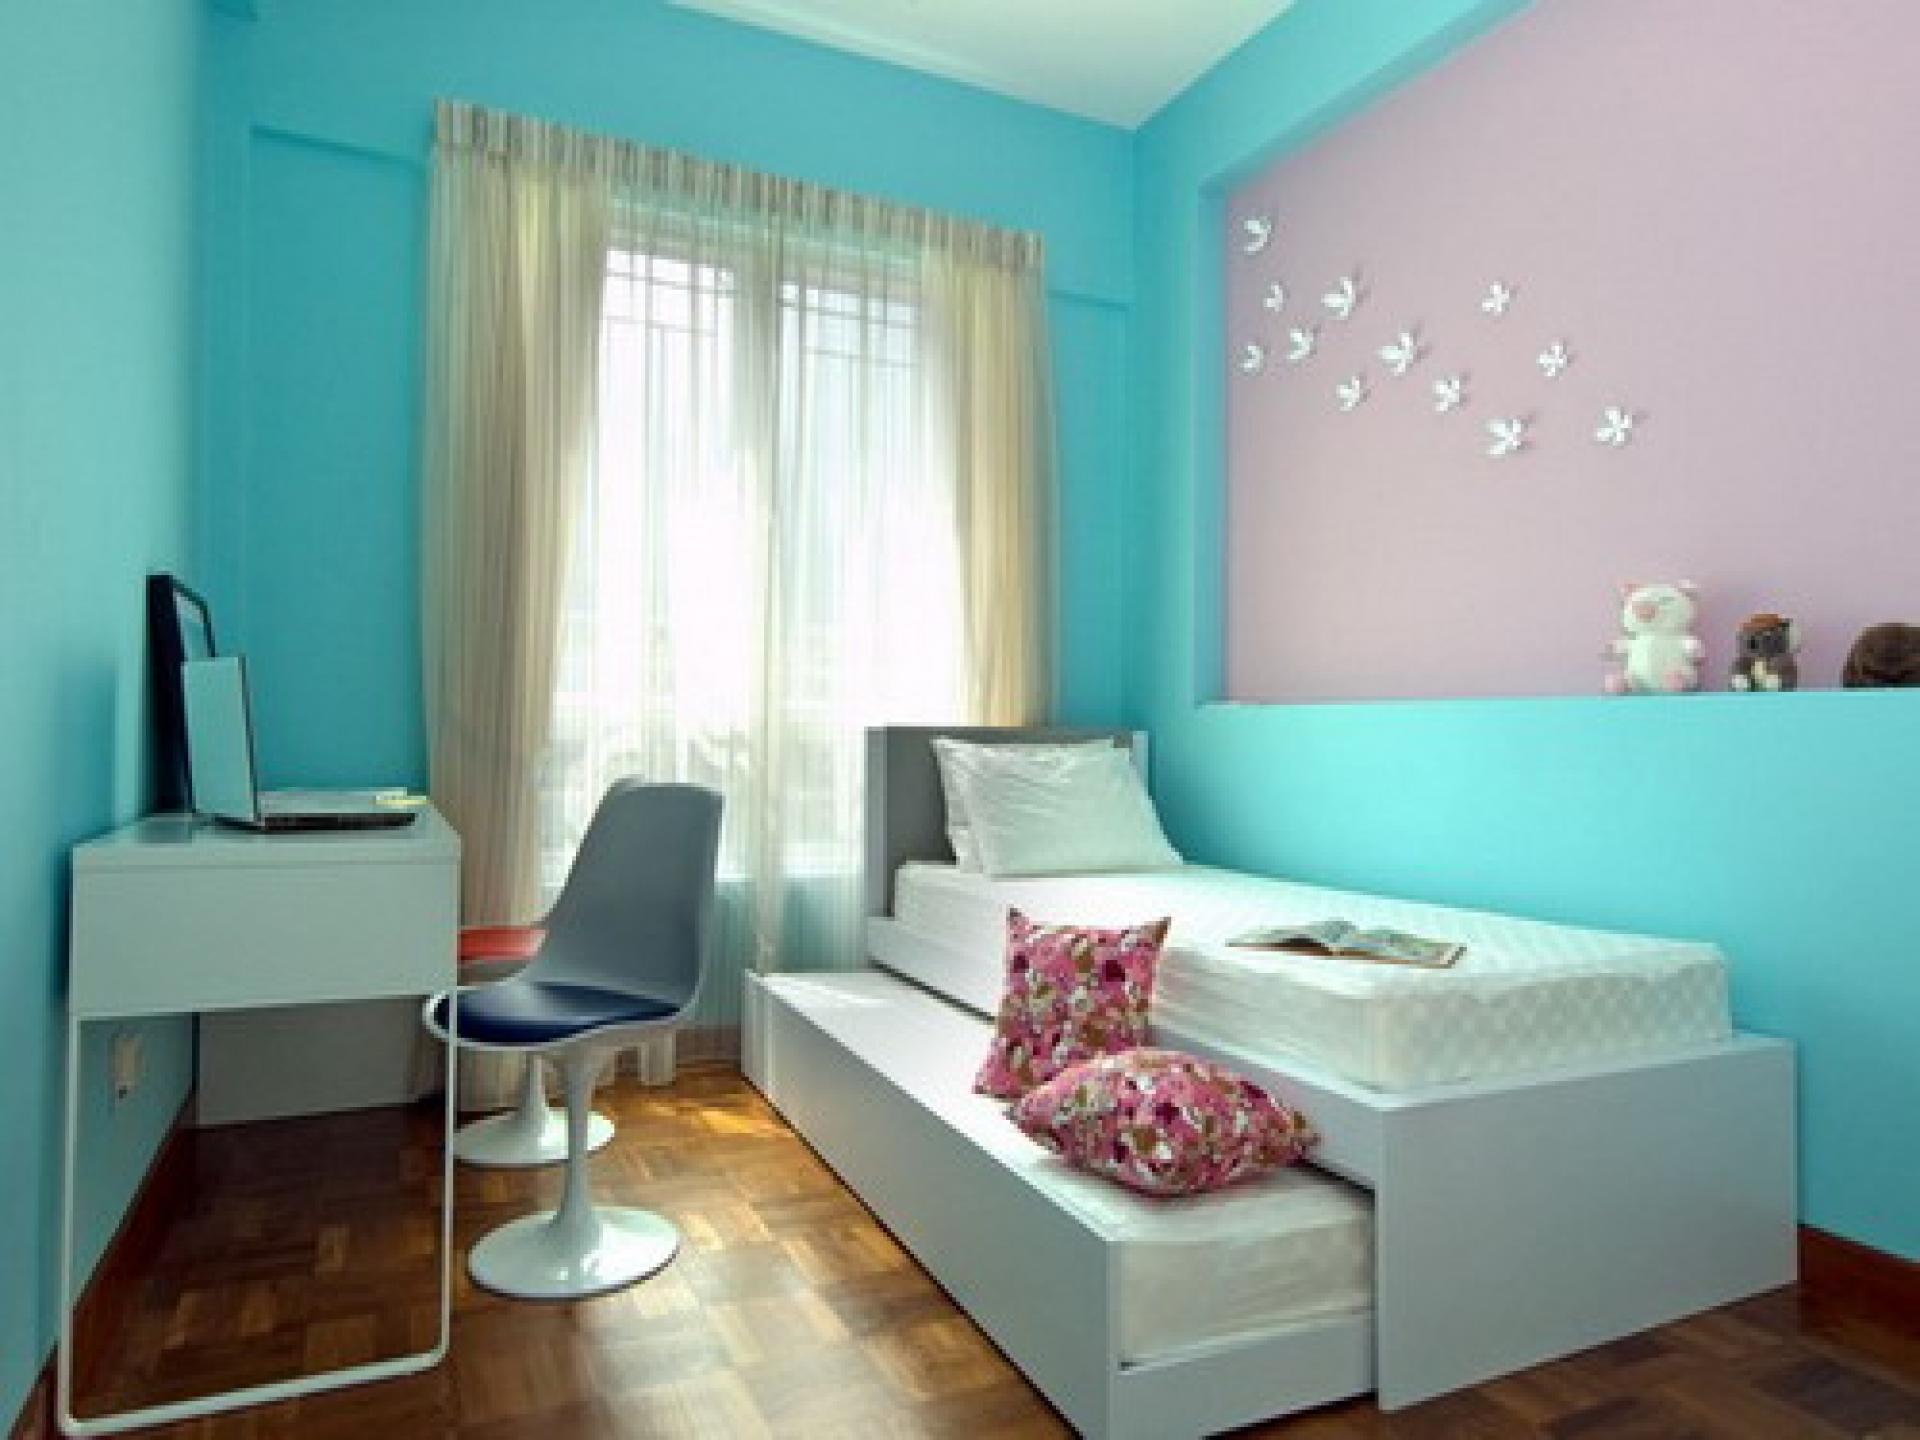 como decorar una habitacion pequeña cama nido